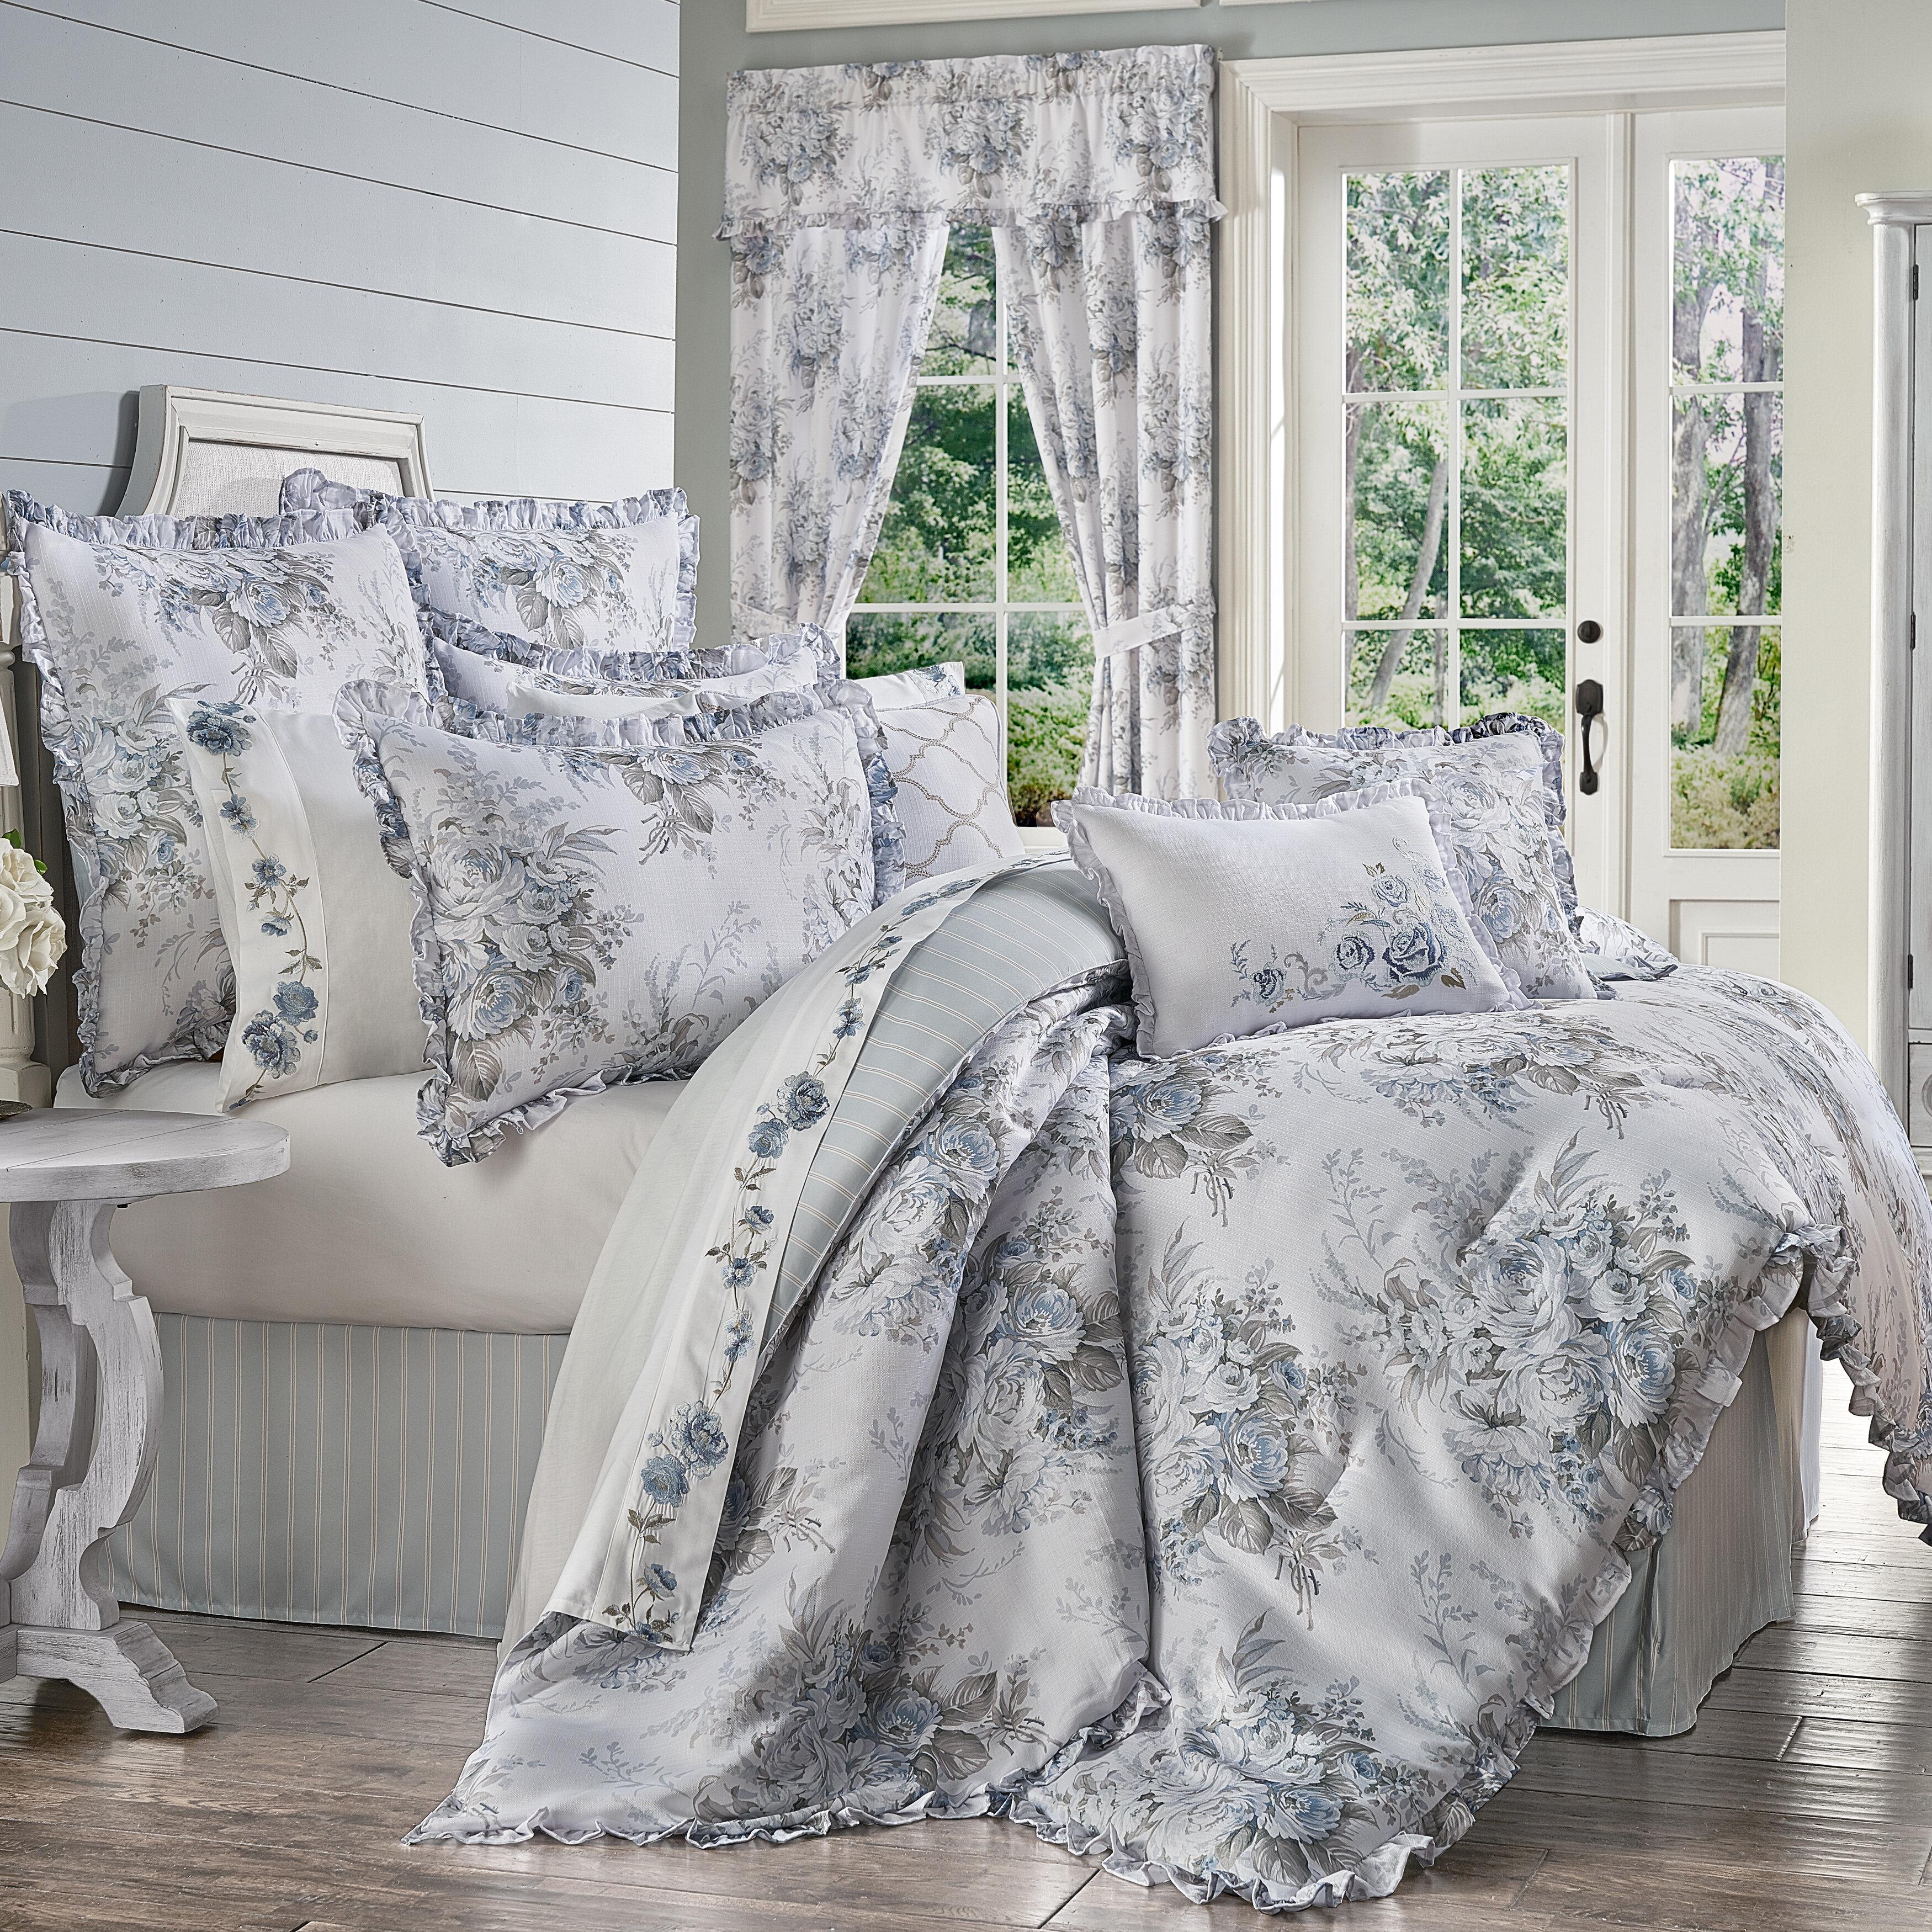 Ophelia Co Dawley Comforter Set Reviews Wayfair